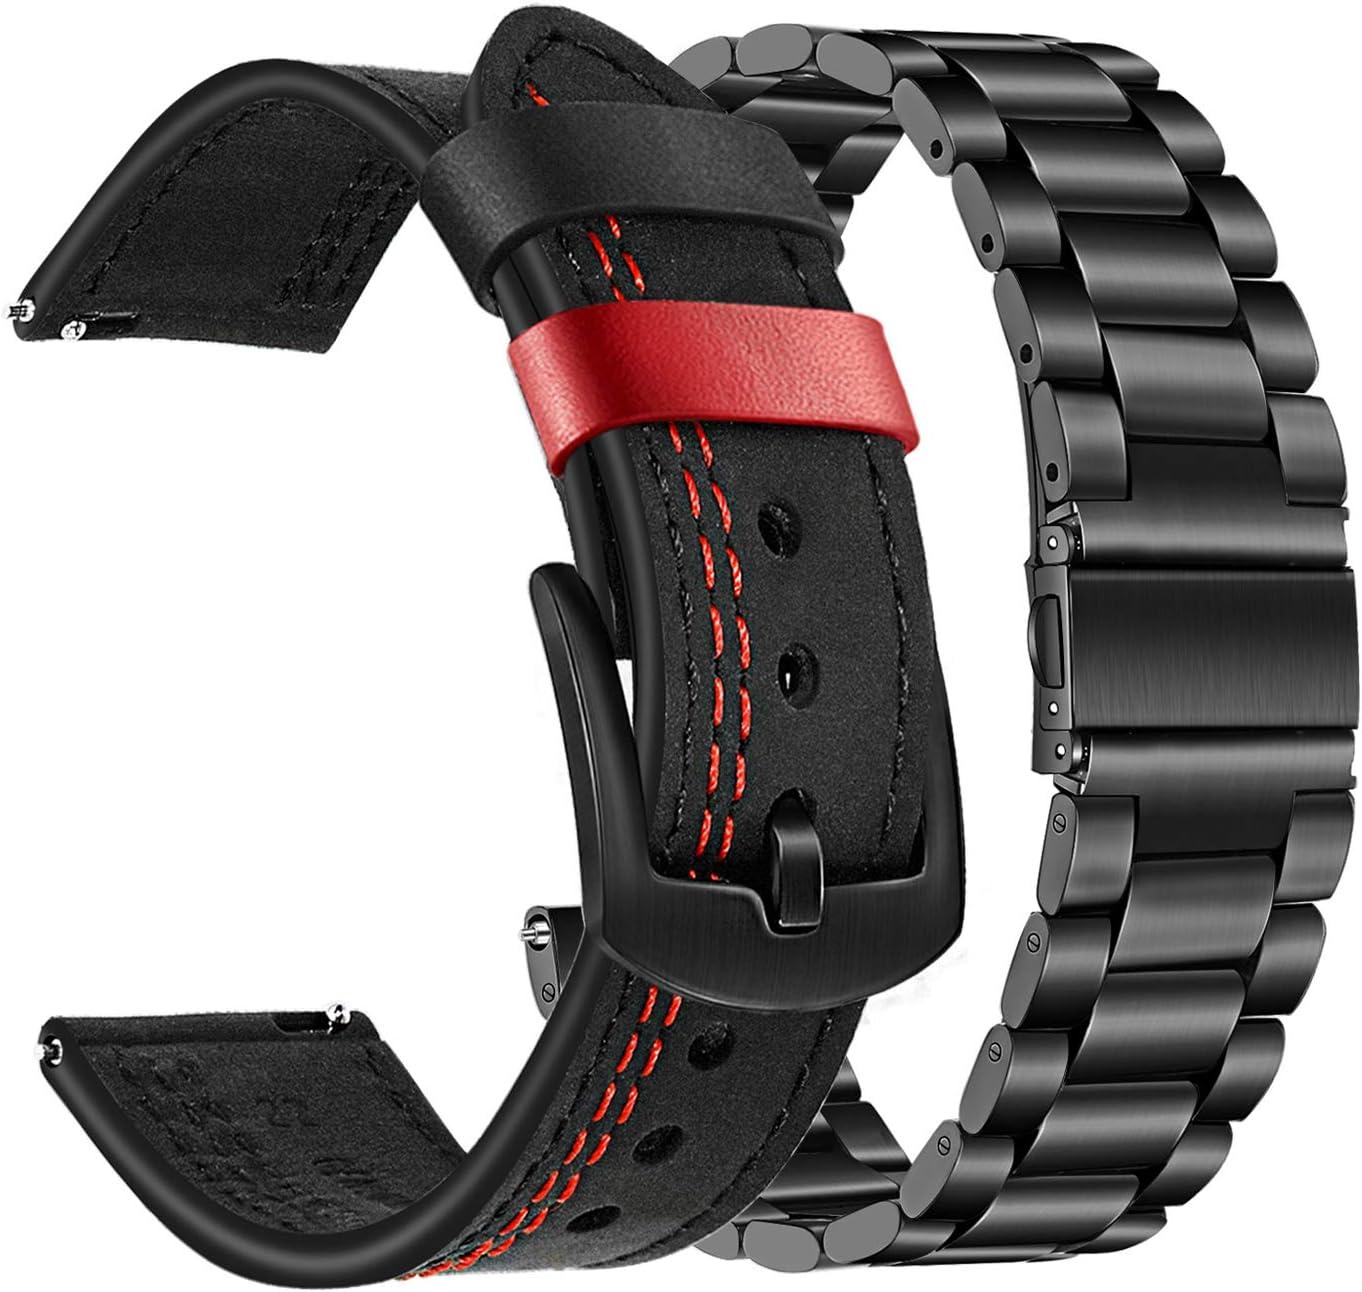 TRUMiRR Compatible con Samsung Galaxy Watch 46mm/Gear S3 Correa de Reloj,22mm Banda de Cuero Genuino de Doble Color+Correa sólida de Acero Inoxidable Pulsera de liberación rápida para Huawei Watch GT